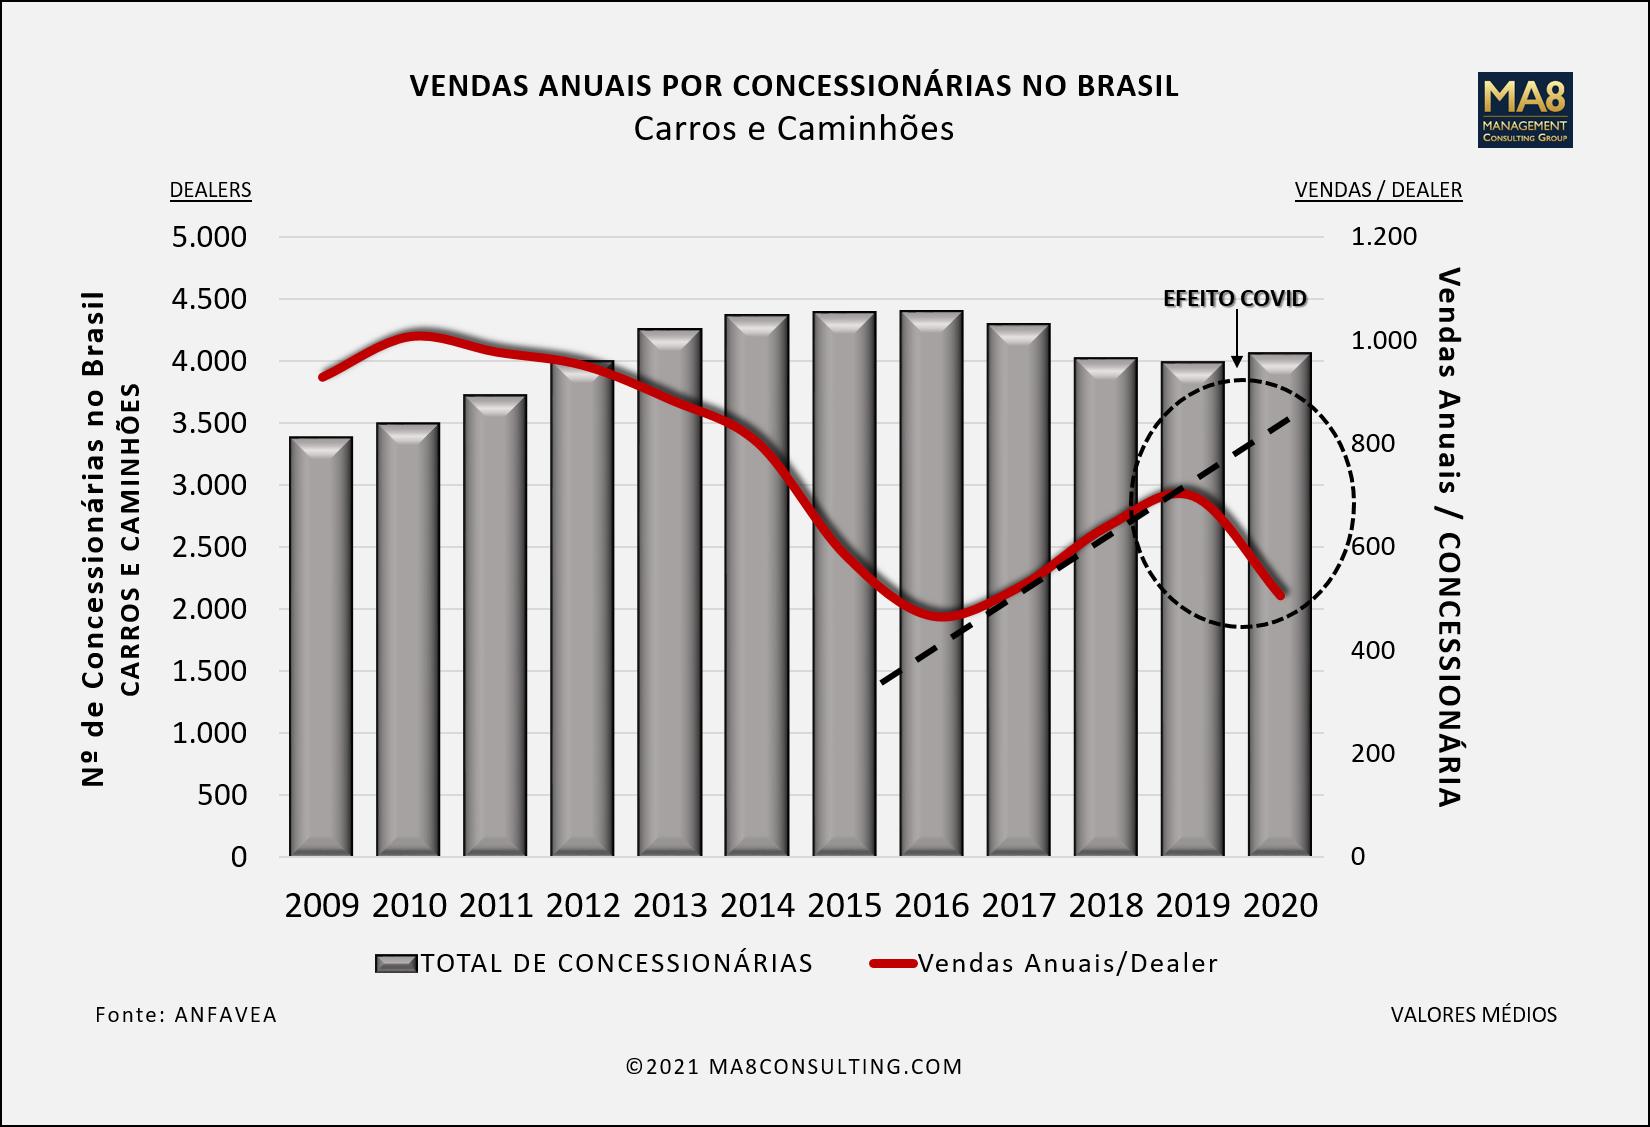 GRAFICO VENDAS POR DEALERS PNG